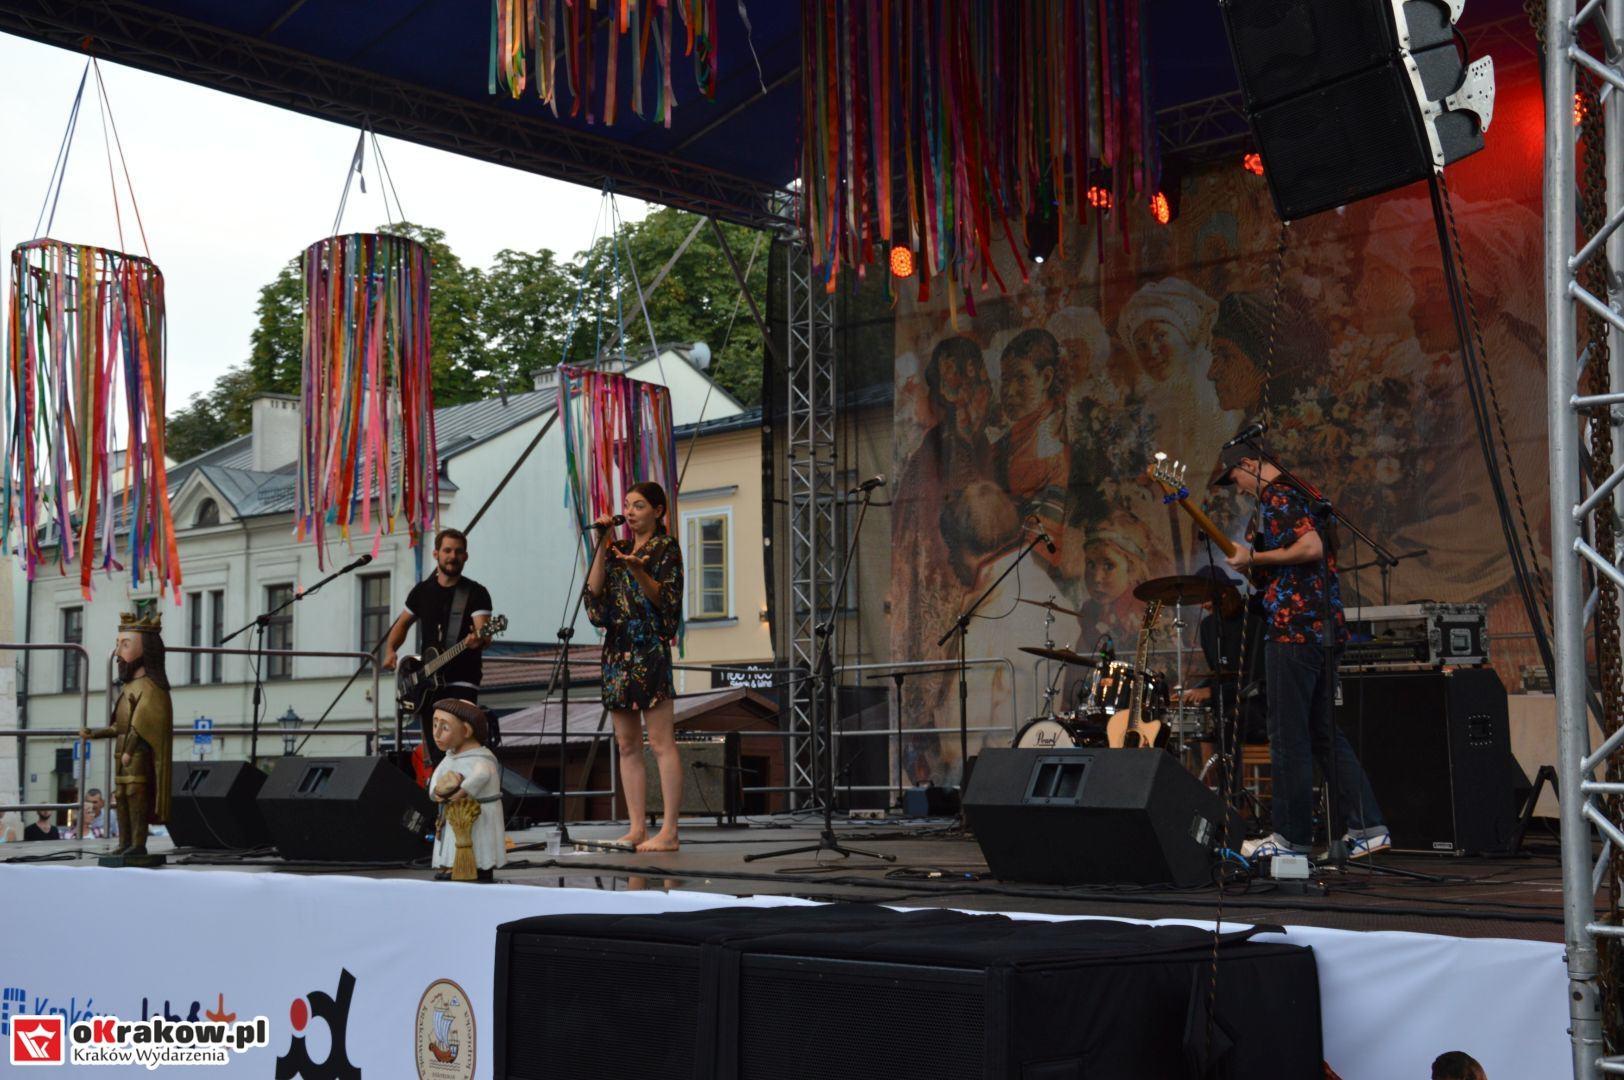 krakow festiwal pierogow maly rynek koncert cheap tobacco 99 150x150 - Galeria zdjęć Festiwal Pierogów Kraków 2018 + zdjęcia z koncertu Cheap Tobacco